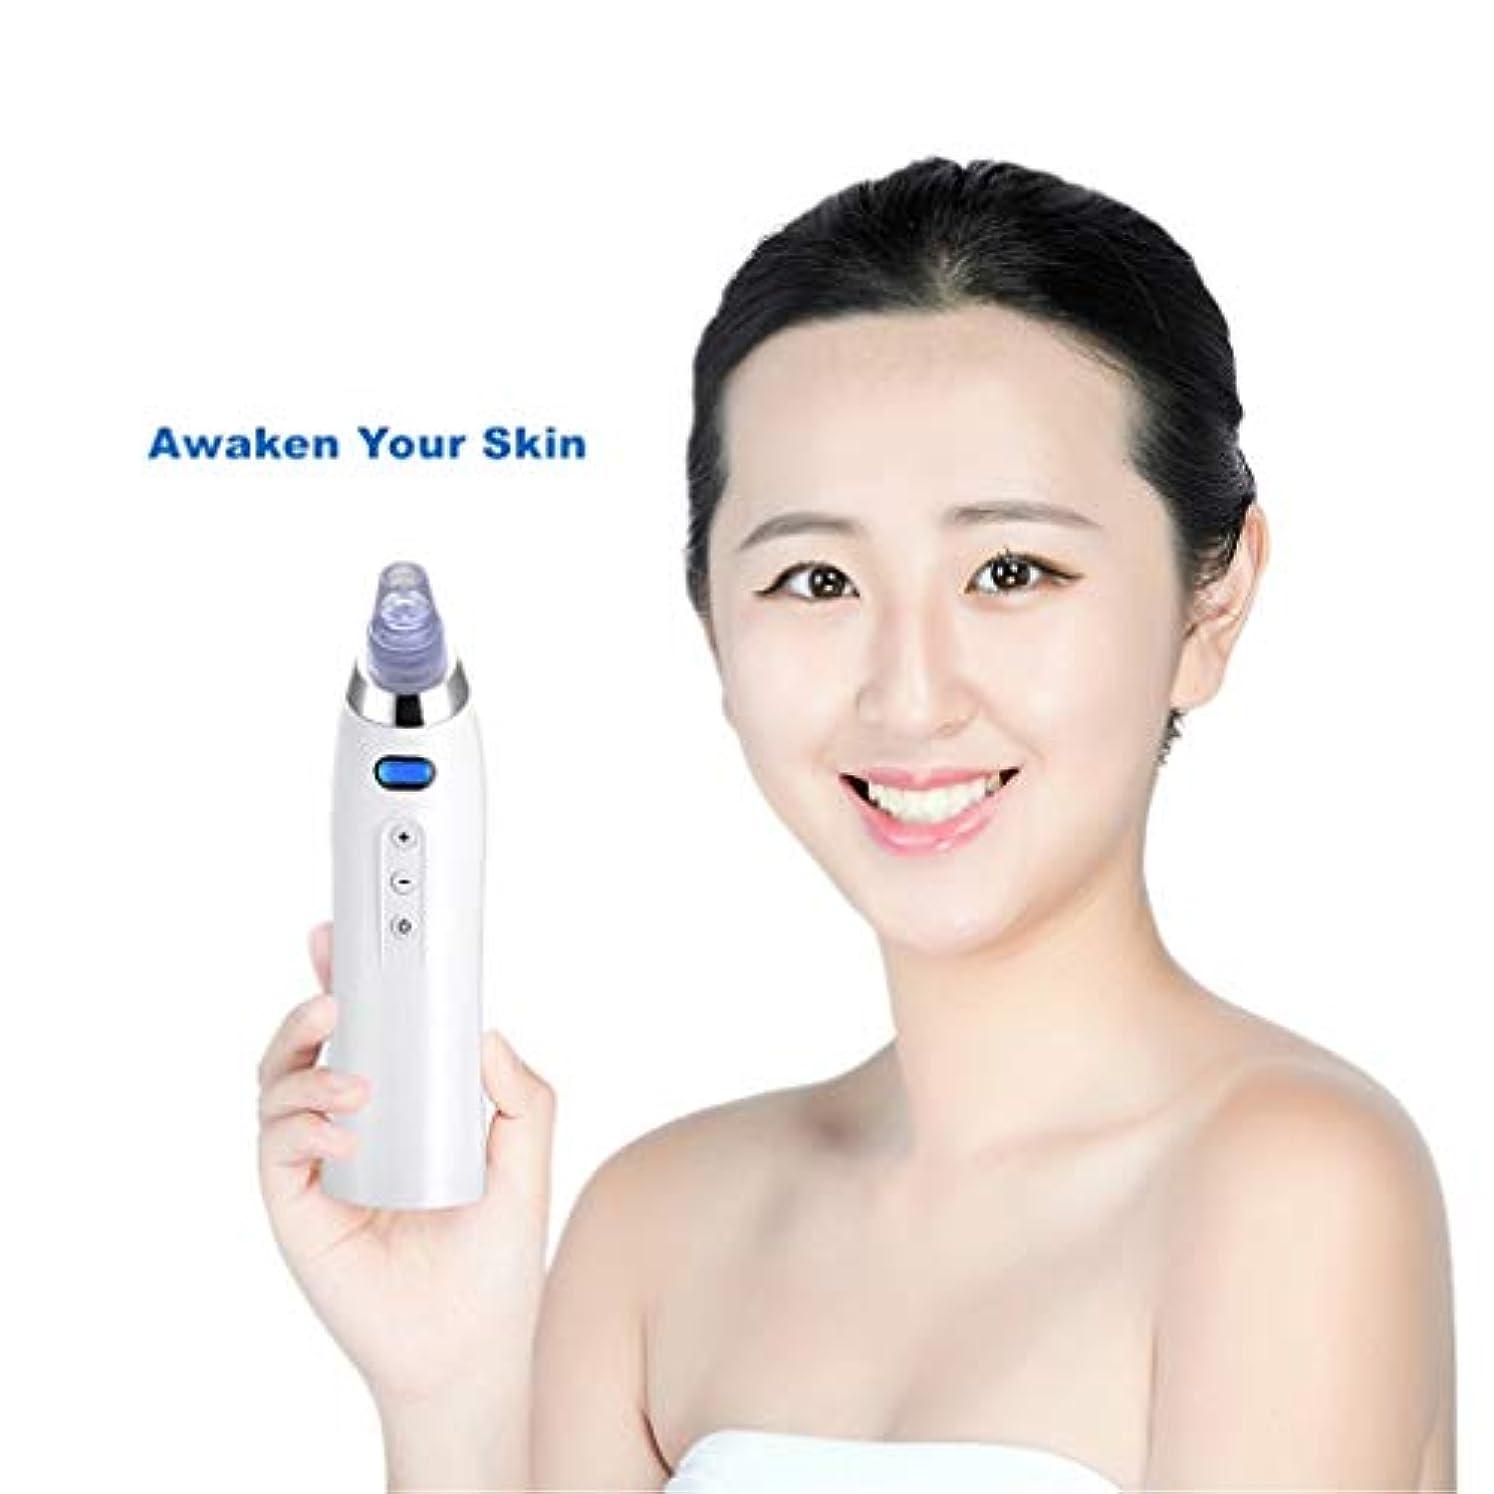 超高層ビル篭うぬぼれ女性および男性のための5つの調査USB充満が付いている電気にきびの清潔になる真空の気孔の洗剤の顔の心配用具